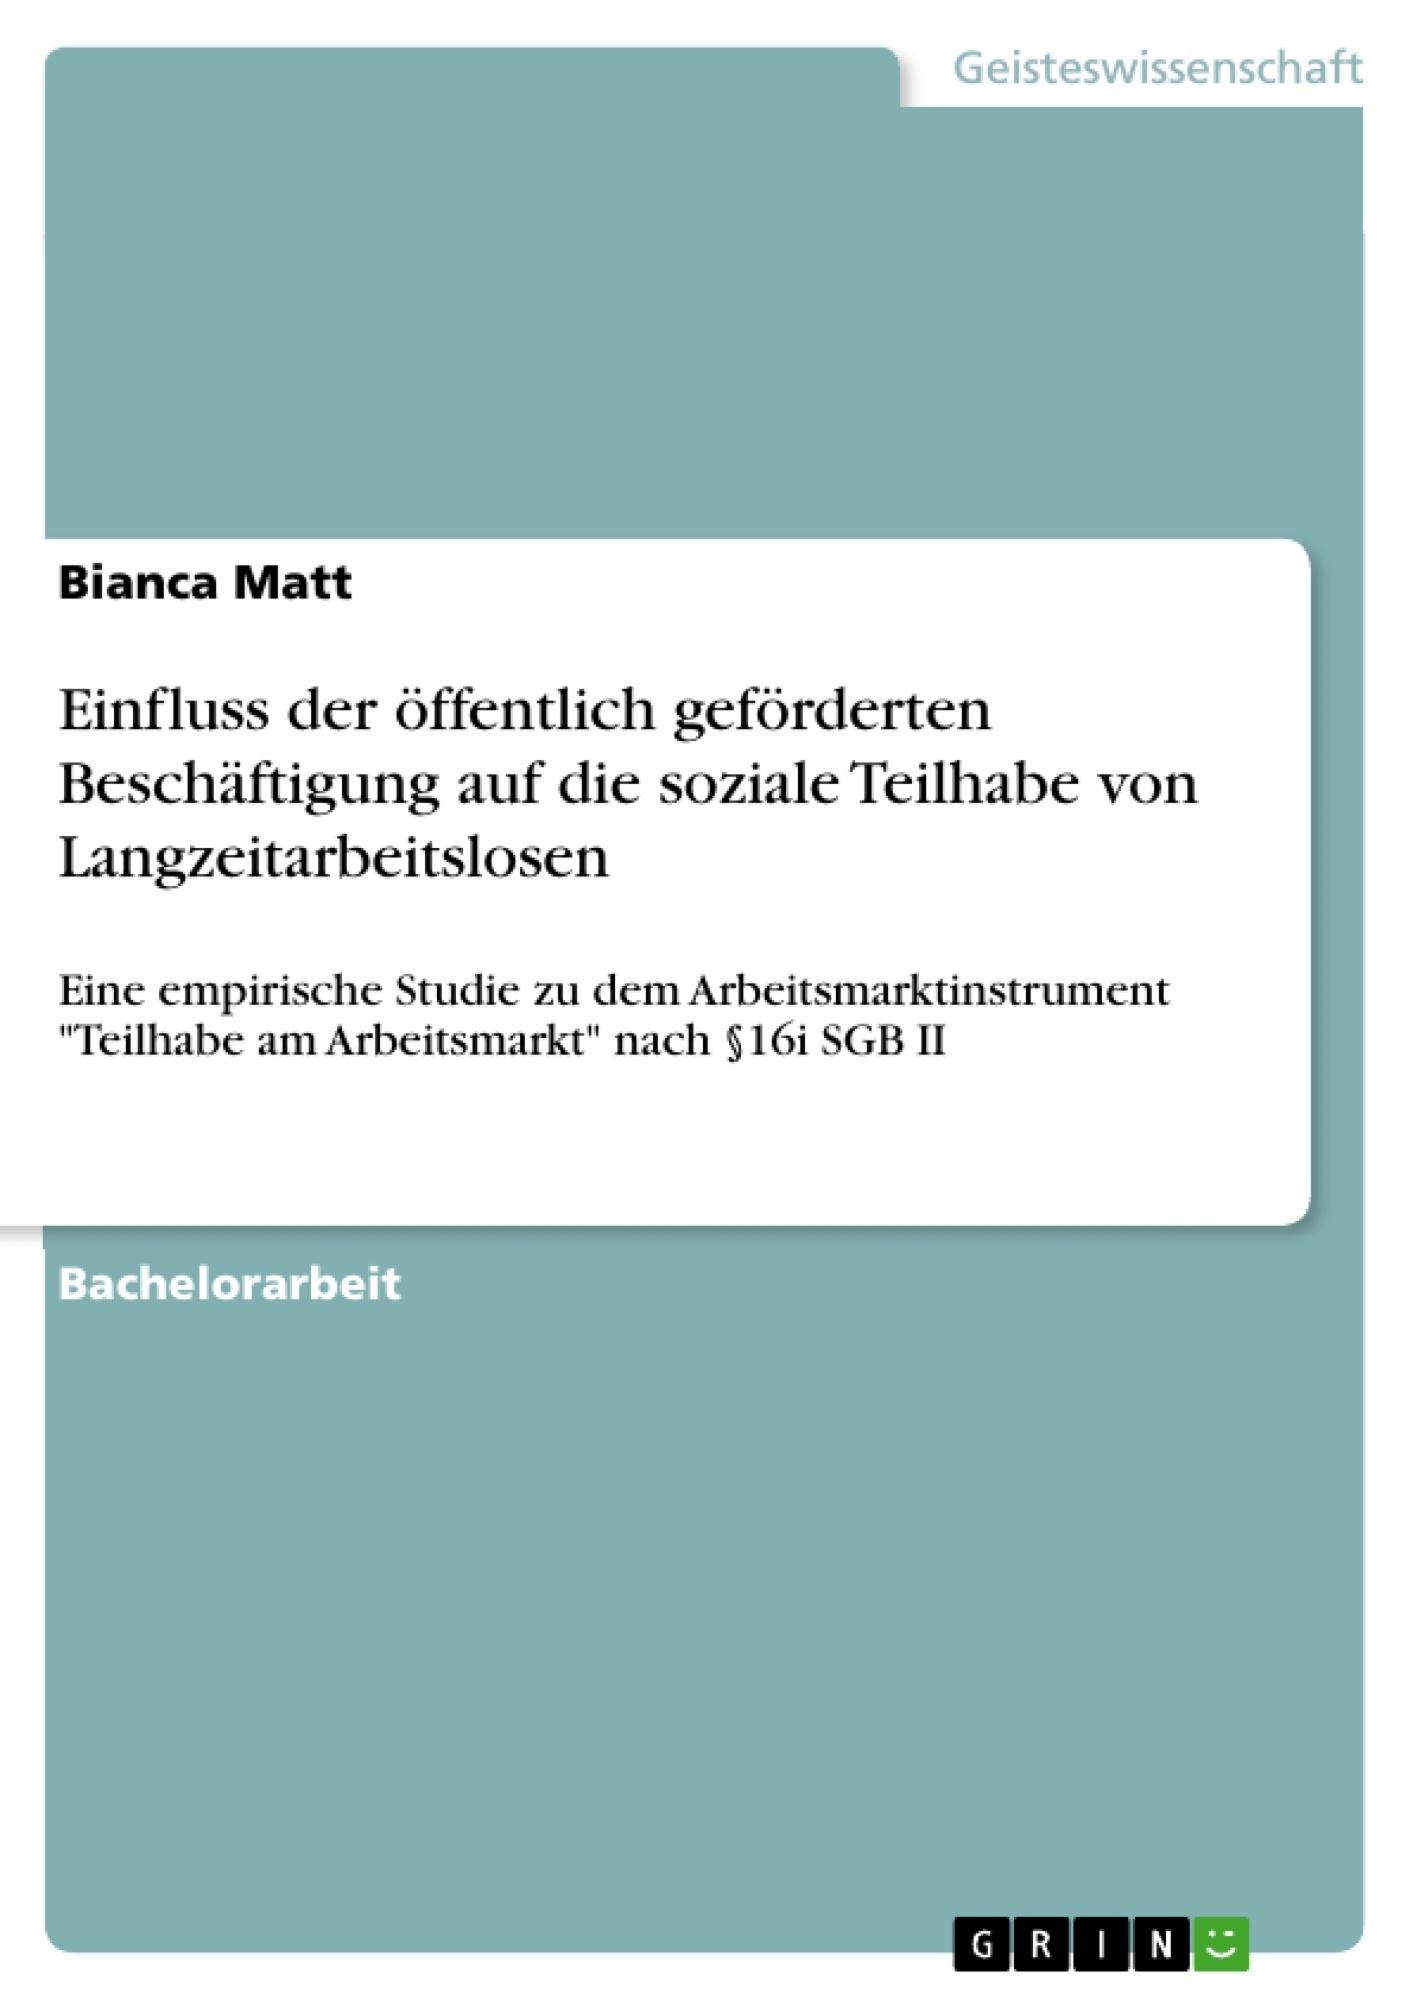 Titel: Einfluss der öffentlich geförderten Beschäftigung auf die soziale Teilhabe von Langzeitarbeitslosen